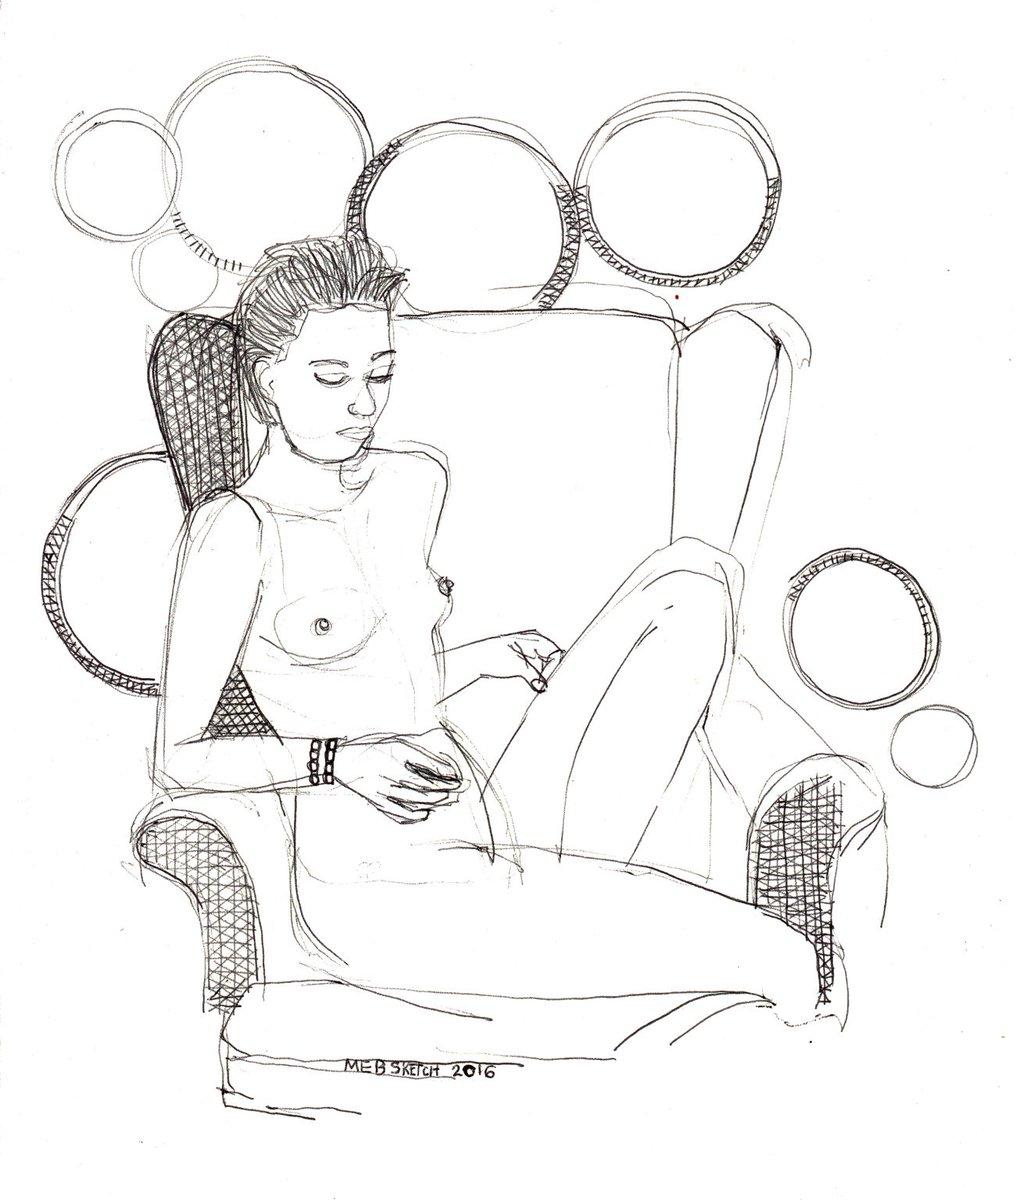 'nude in chair' #art #sketchJanuary #sketch #drawing #draw365 #BigArtBoost #kunst #portrait https://t.co/zZz5OZlSzu